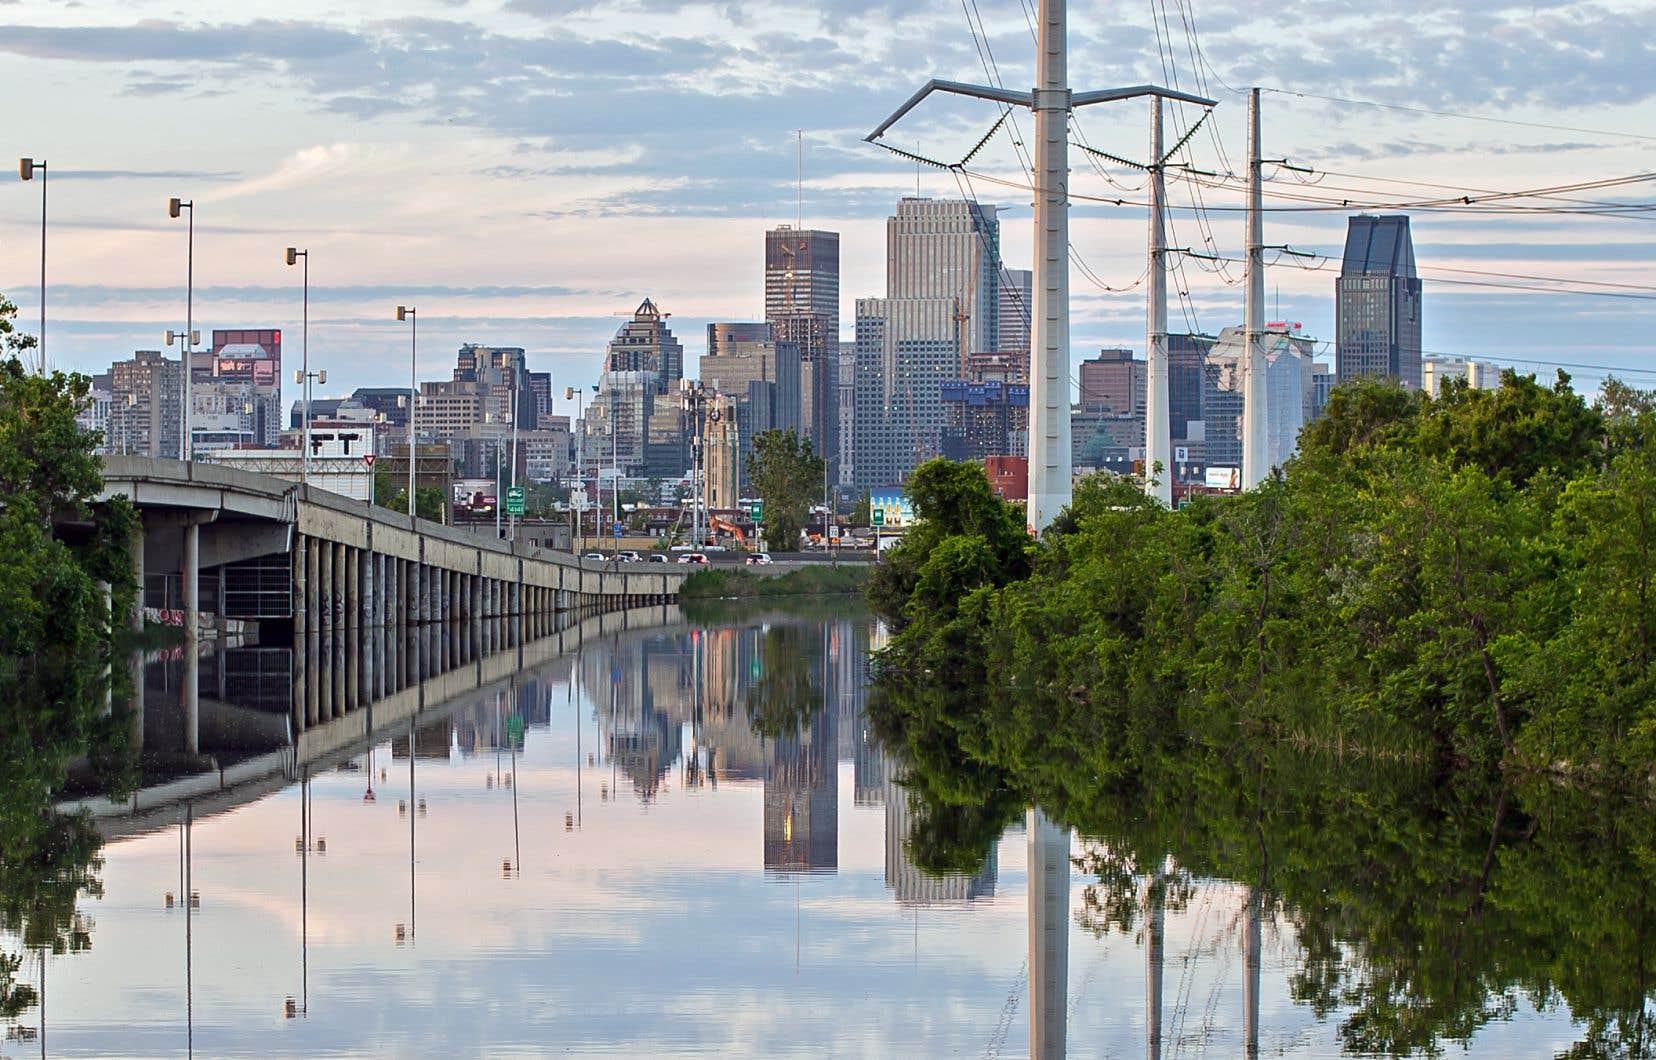 Le canal de l'aqueduc alimente les usines de traitement d'Atwater et de Verdun avant d'acheminer l'eau dans les logements de Montréal.